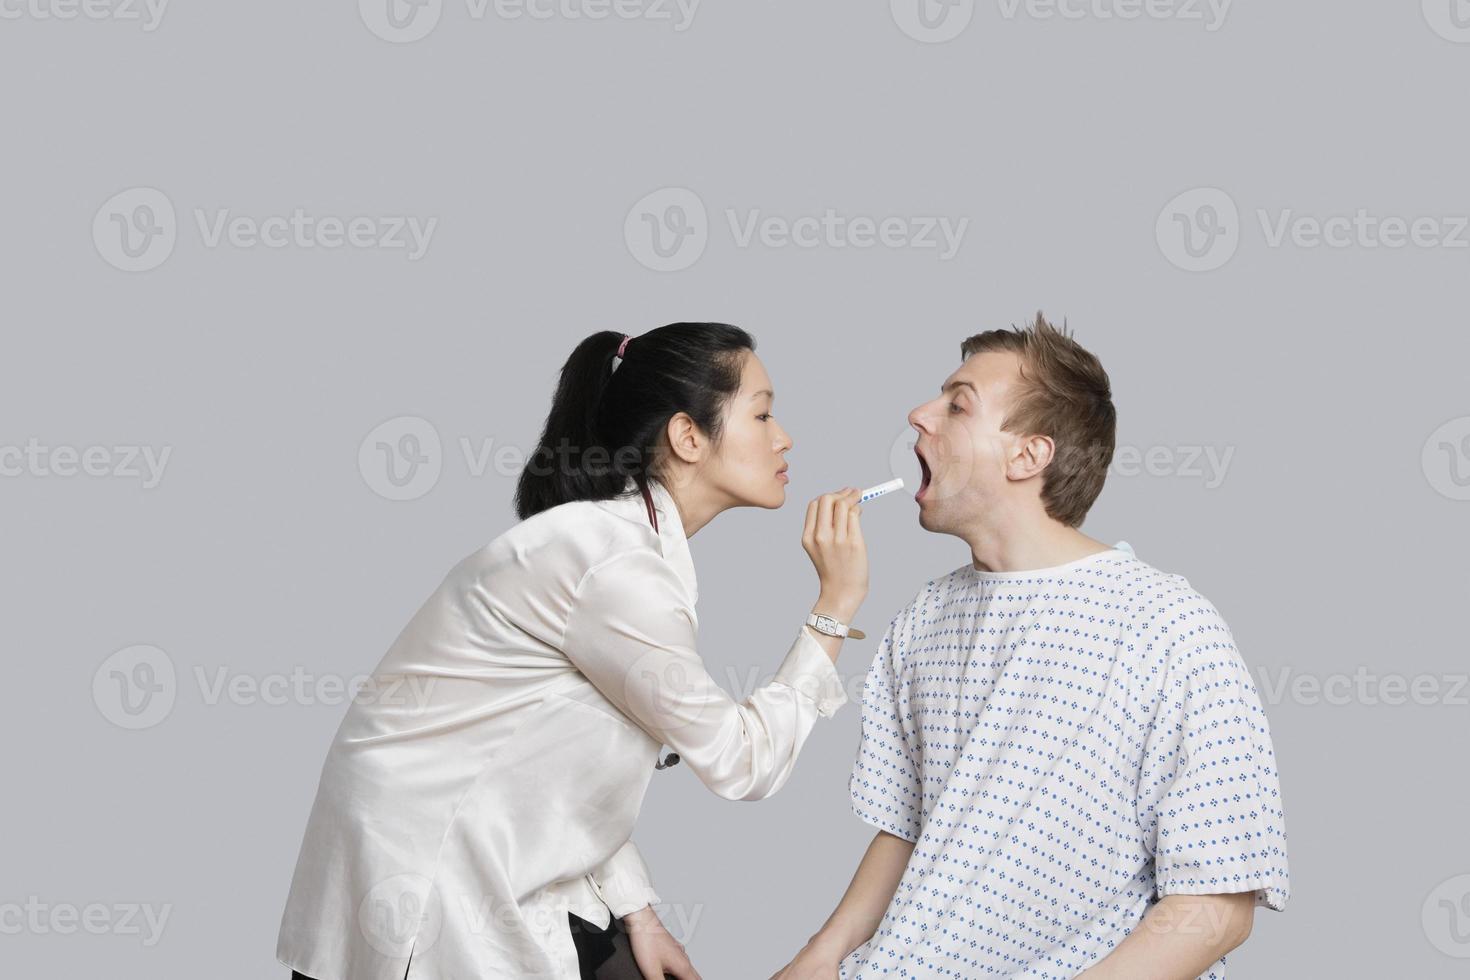 Personal medico foto